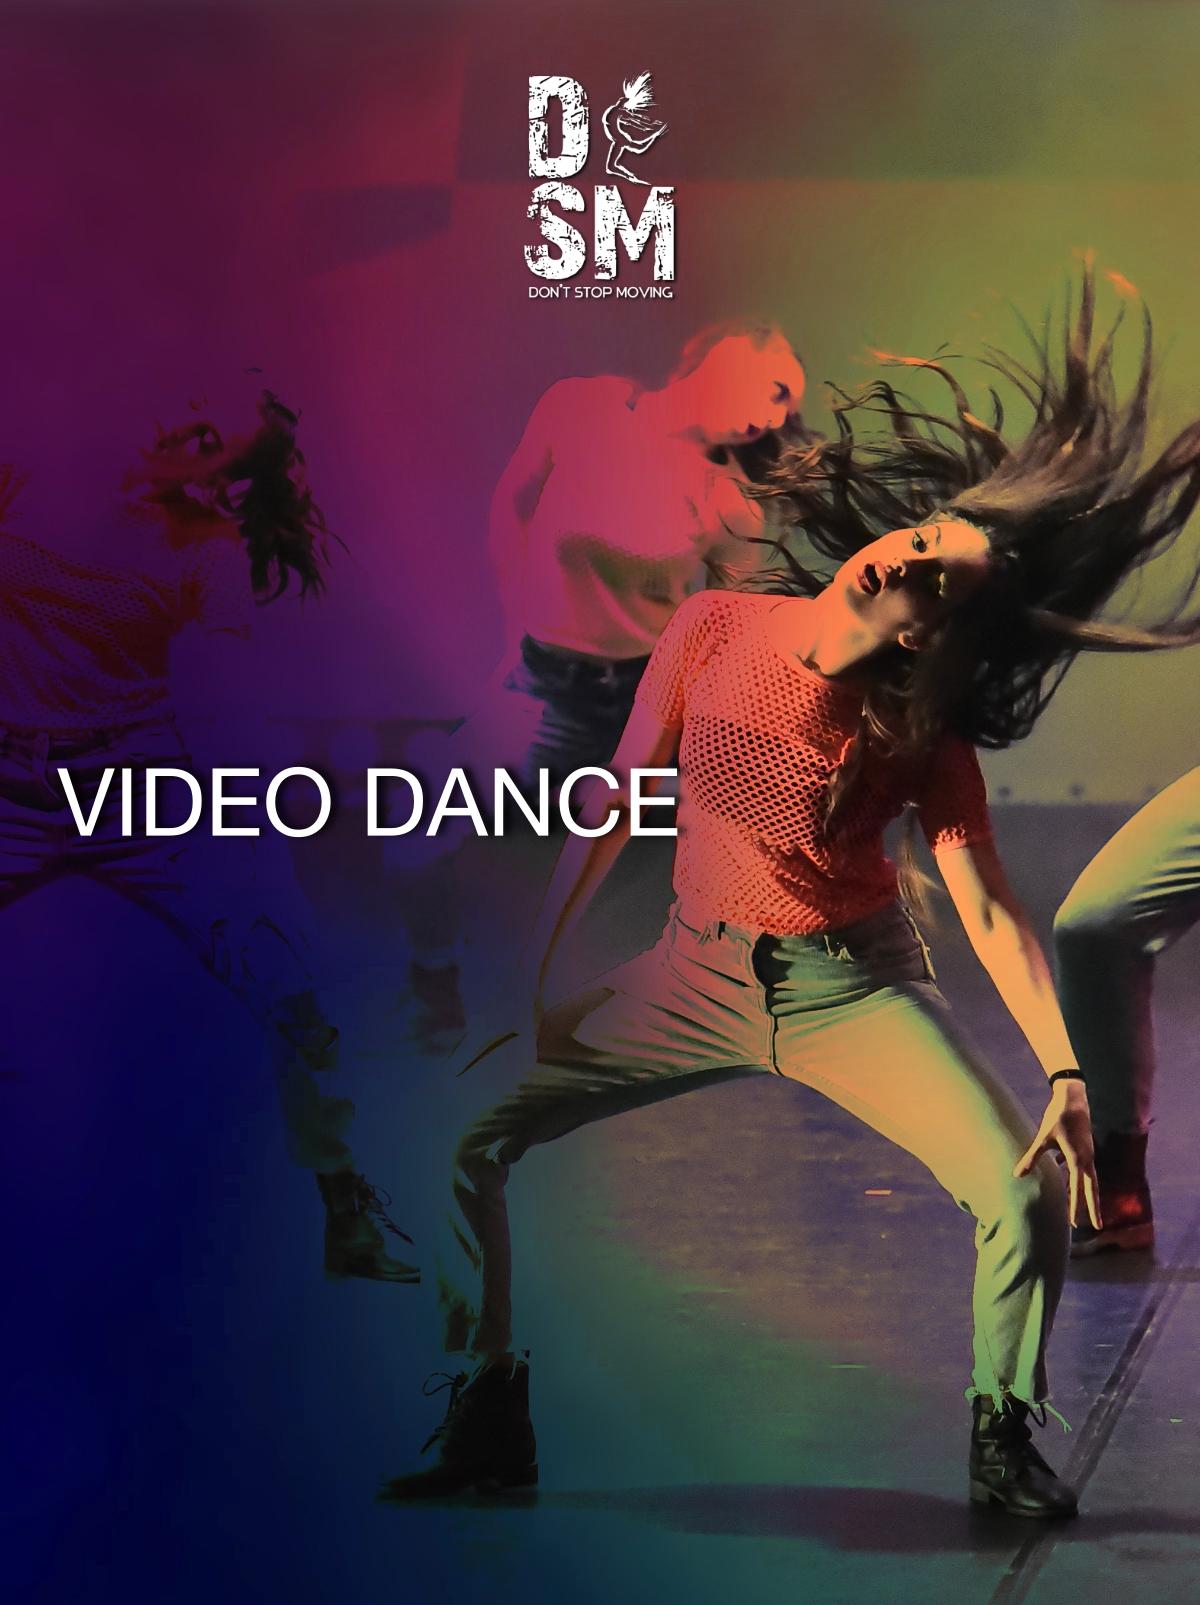 VIDEO DANCE 2.jpg